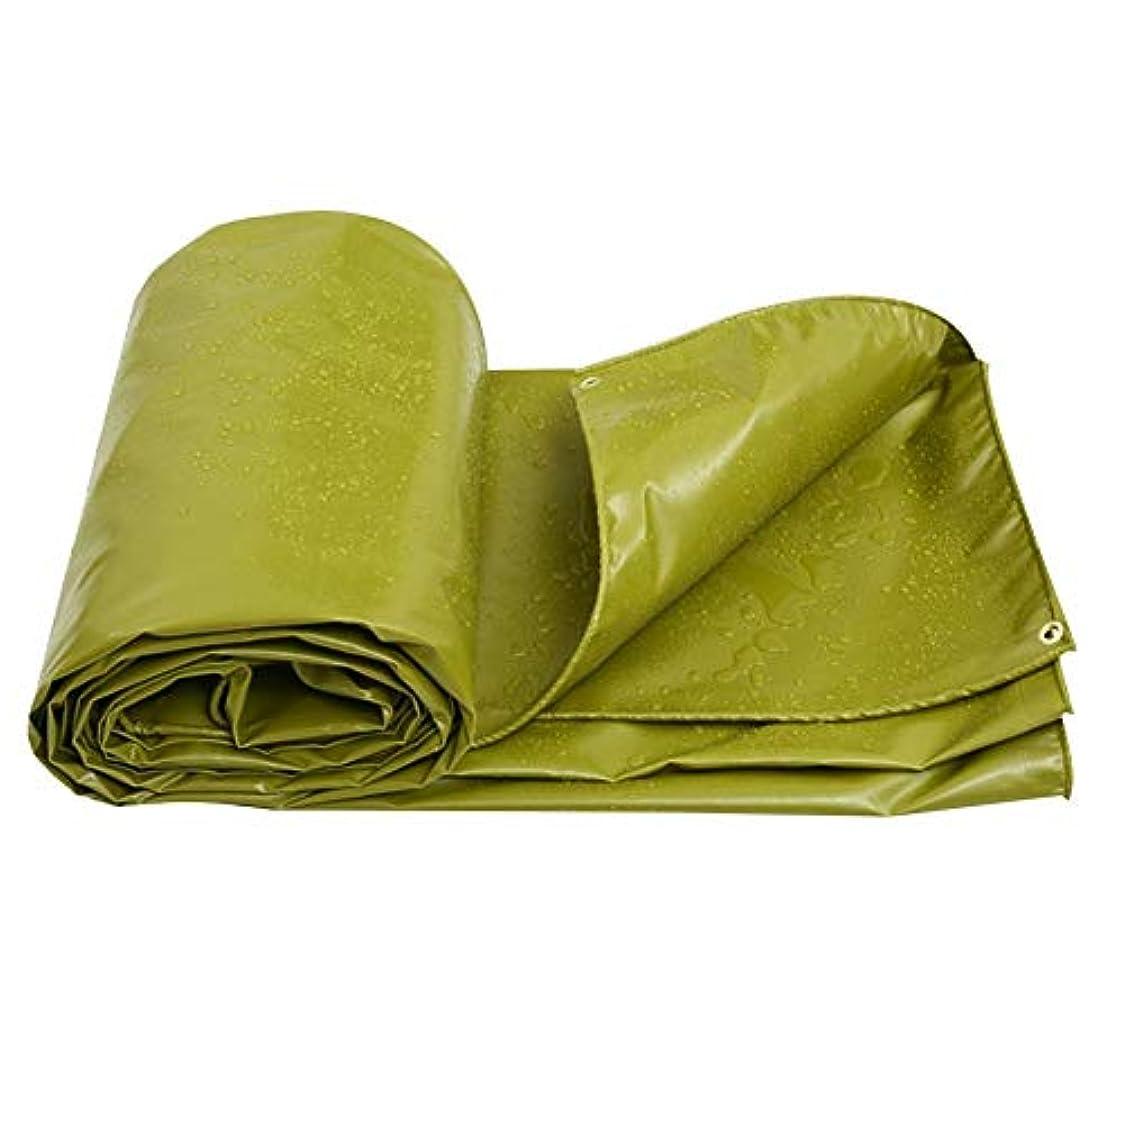 戻す環境に優しい真実に防水ターポリン、防水シート防水オーニングテントPVC両面防水ヘビーデューティアウトドア、550G /M² GAOFENG (色 : 緑, サイズ さいず : 2*3M)